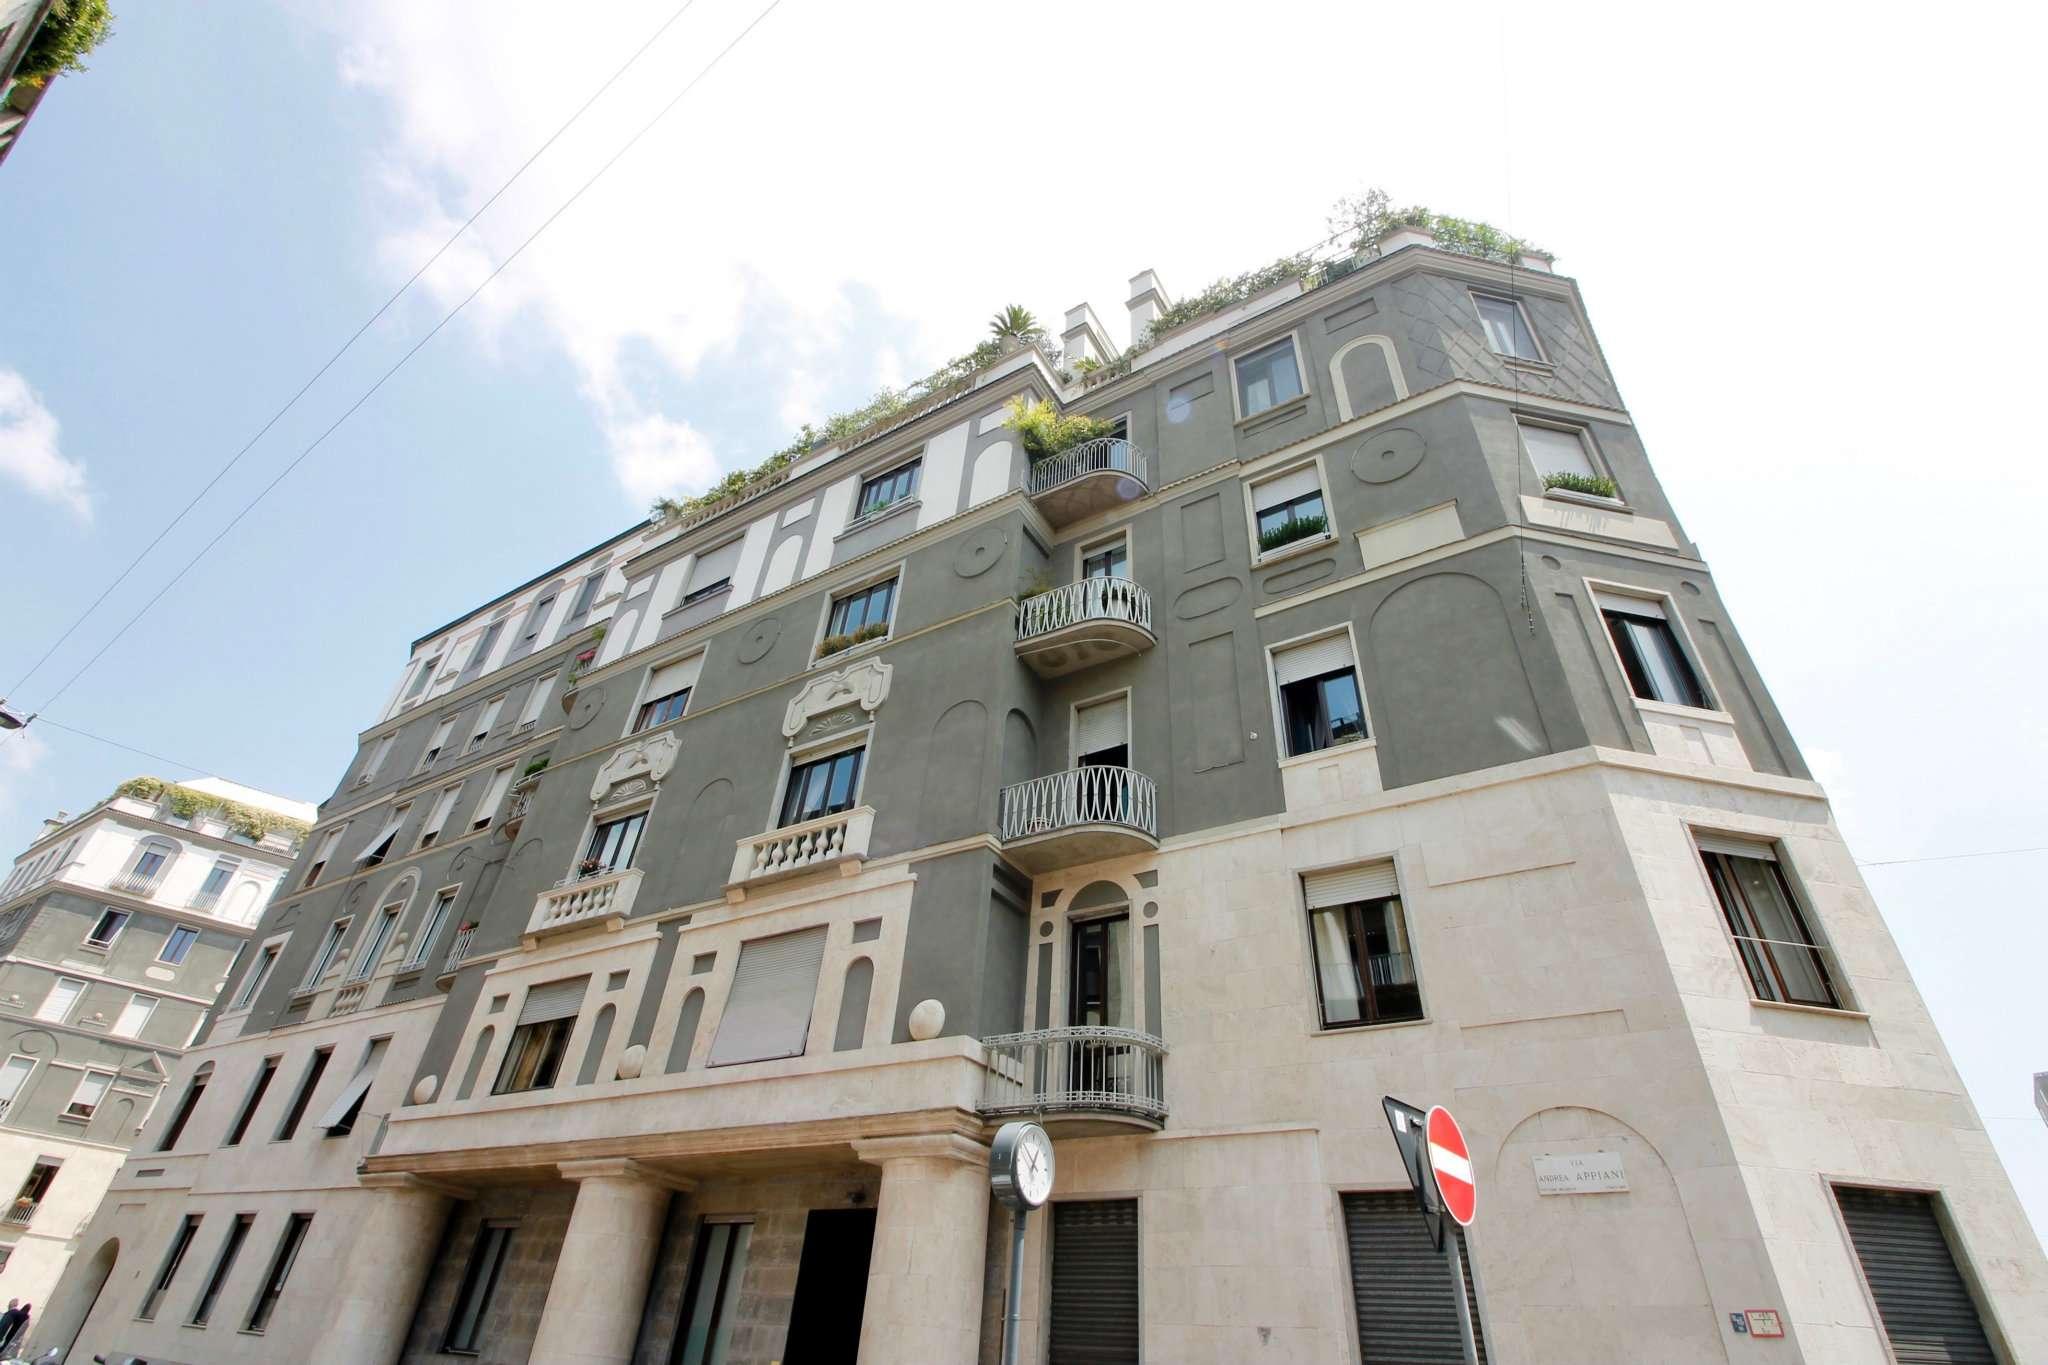 Ufficio-studio in Vendita a Milano 02 Brera / Volta / Repubblica: 5 locali, 180 mq